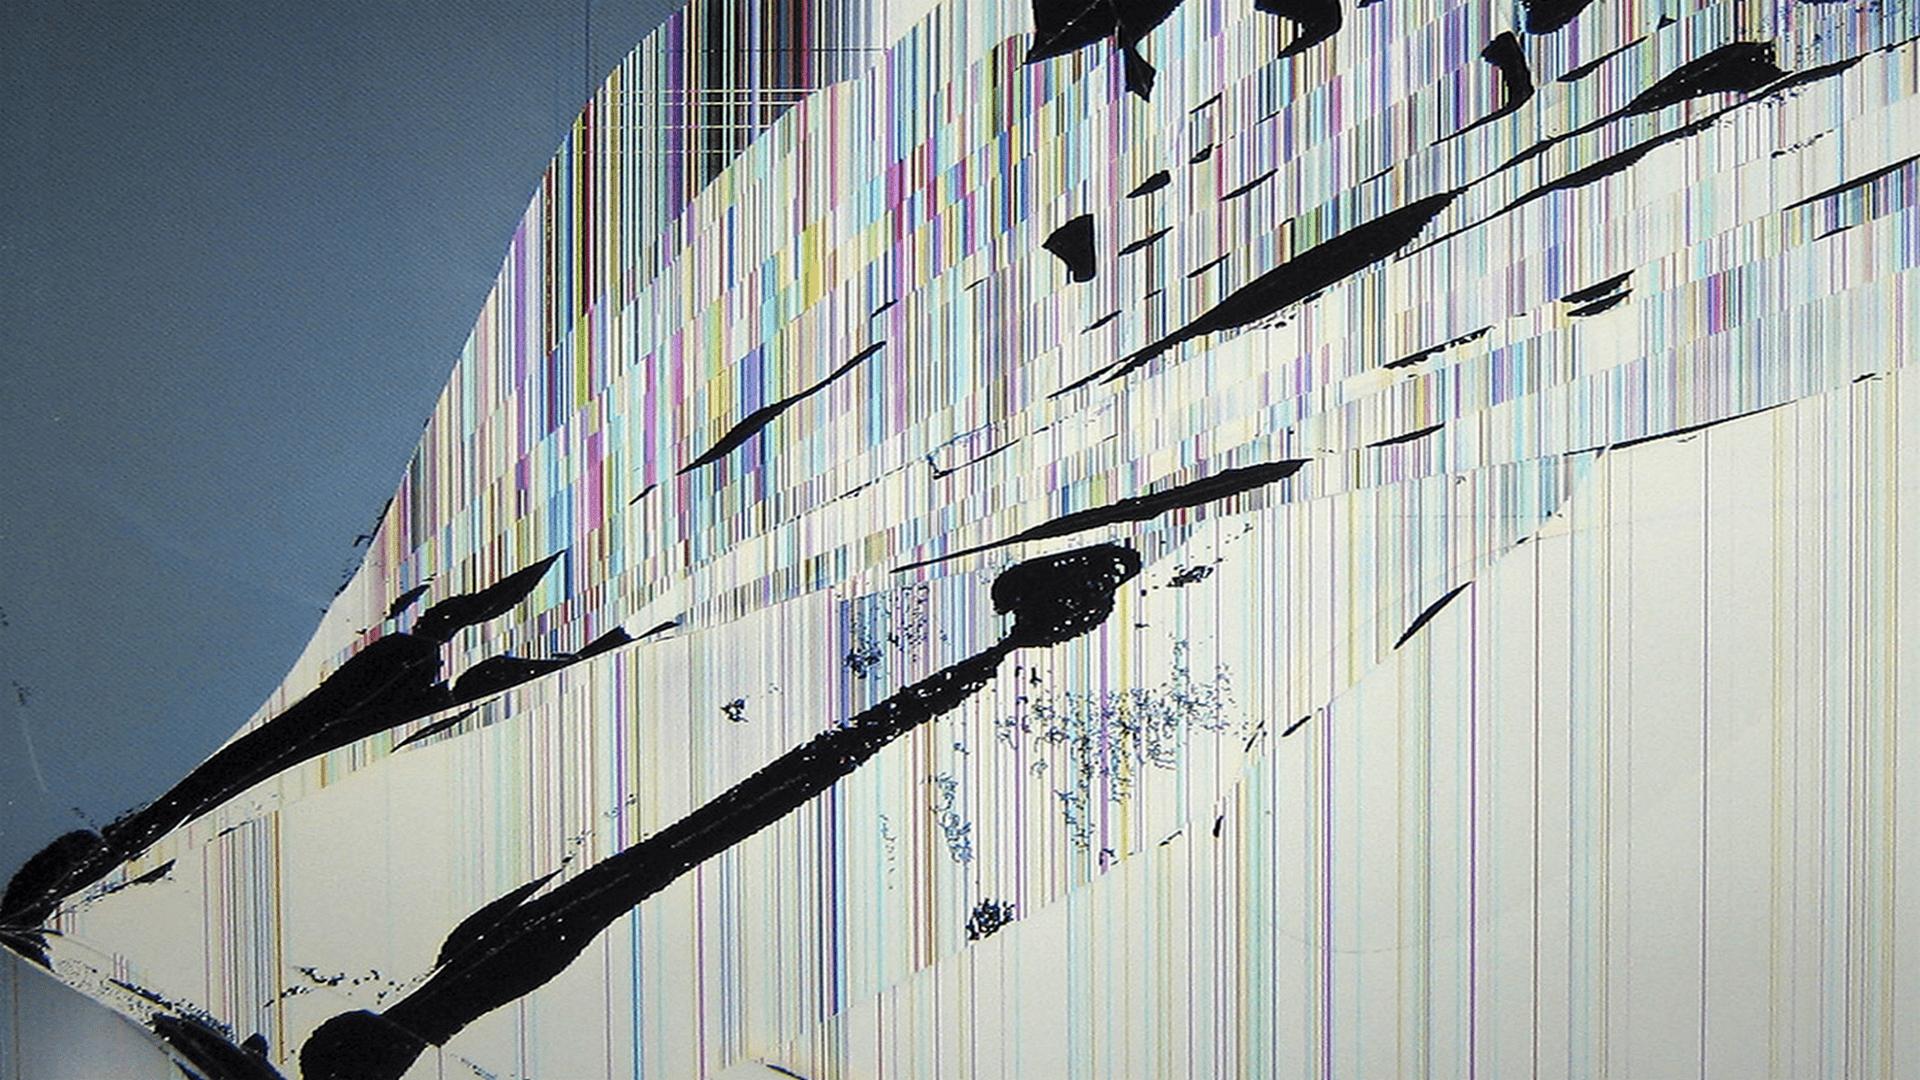 1920x1080 Hình nền màn hình bị hỏng Prank cho máy tính xách tay Windows và Mac